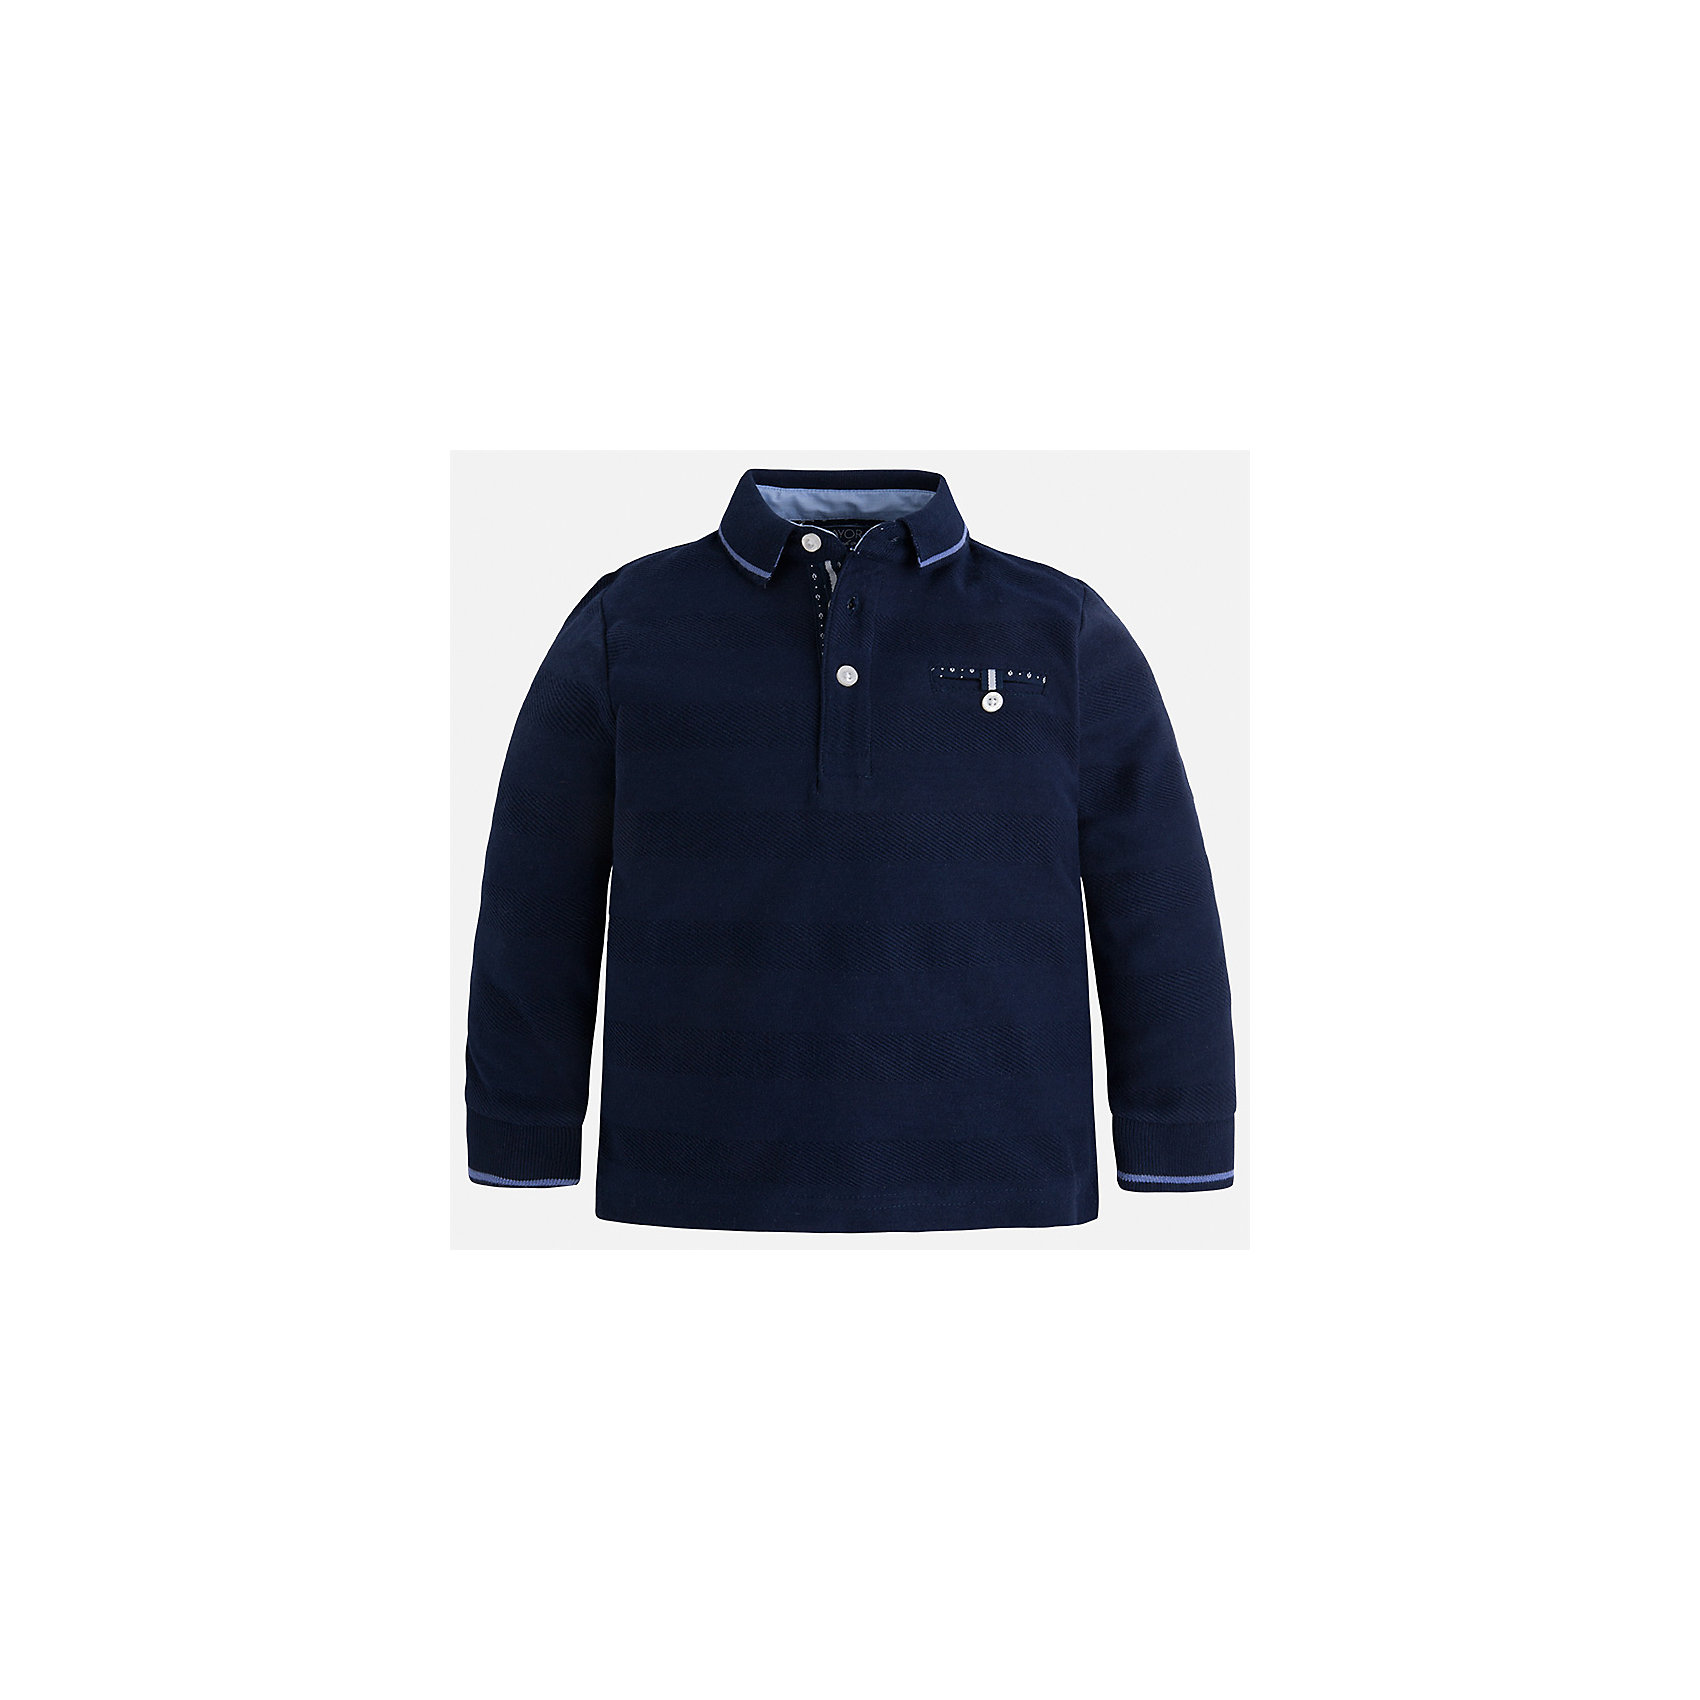 Футболка-поло с длинным рукавом для мальчика MayoralФутболки с длинным рукавом<br>Характеристики товара:<br><br>• цвет: тёмно-синий<br>• состав: 100% хлопок<br>• отложной воротник<br>• длинные рукава<br>• застежка: пуговицы<br>• карман на груди<br>• страна бренда: Испания<br><br>Стильная рубашка-поло для мальчика может стать базовой вещью в гардеробе ребенка. Она отлично сочетается с брюками, шортами, джинсами и т.д. Универсальный крой и цвет позволяет подобрать к вещи низ разных расцветок. Практичное и стильное изделие! В составе материала - только натуральный хлопок, гипоаллергенный, приятный на ощупь, дышащий.<br><br>Одежда, обувь и аксессуары от испанского бренда Mayoral полюбились детям и взрослым по всему миру. Модели этой марки - стильные и удобные. Для их производства используются только безопасные, качественные материалы и фурнитура. Порадуйте ребенка модными и красивыми вещами от Mayoral! <br><br>Рубашку-поло для мальчика от испанского бренда Mayoral (Майорал) можно купить в нашем интернет-магазине.<br><br>Ширина мм: 230<br>Глубина мм: 40<br>Высота мм: 220<br>Вес г: 250<br>Цвет: синий<br>Возраст от месяцев: 18<br>Возраст до месяцев: 24<br>Пол: Мужской<br>Возраст: Детский<br>Размер: 92,110,128,134,122,116,104,98<br>SKU: 5272126